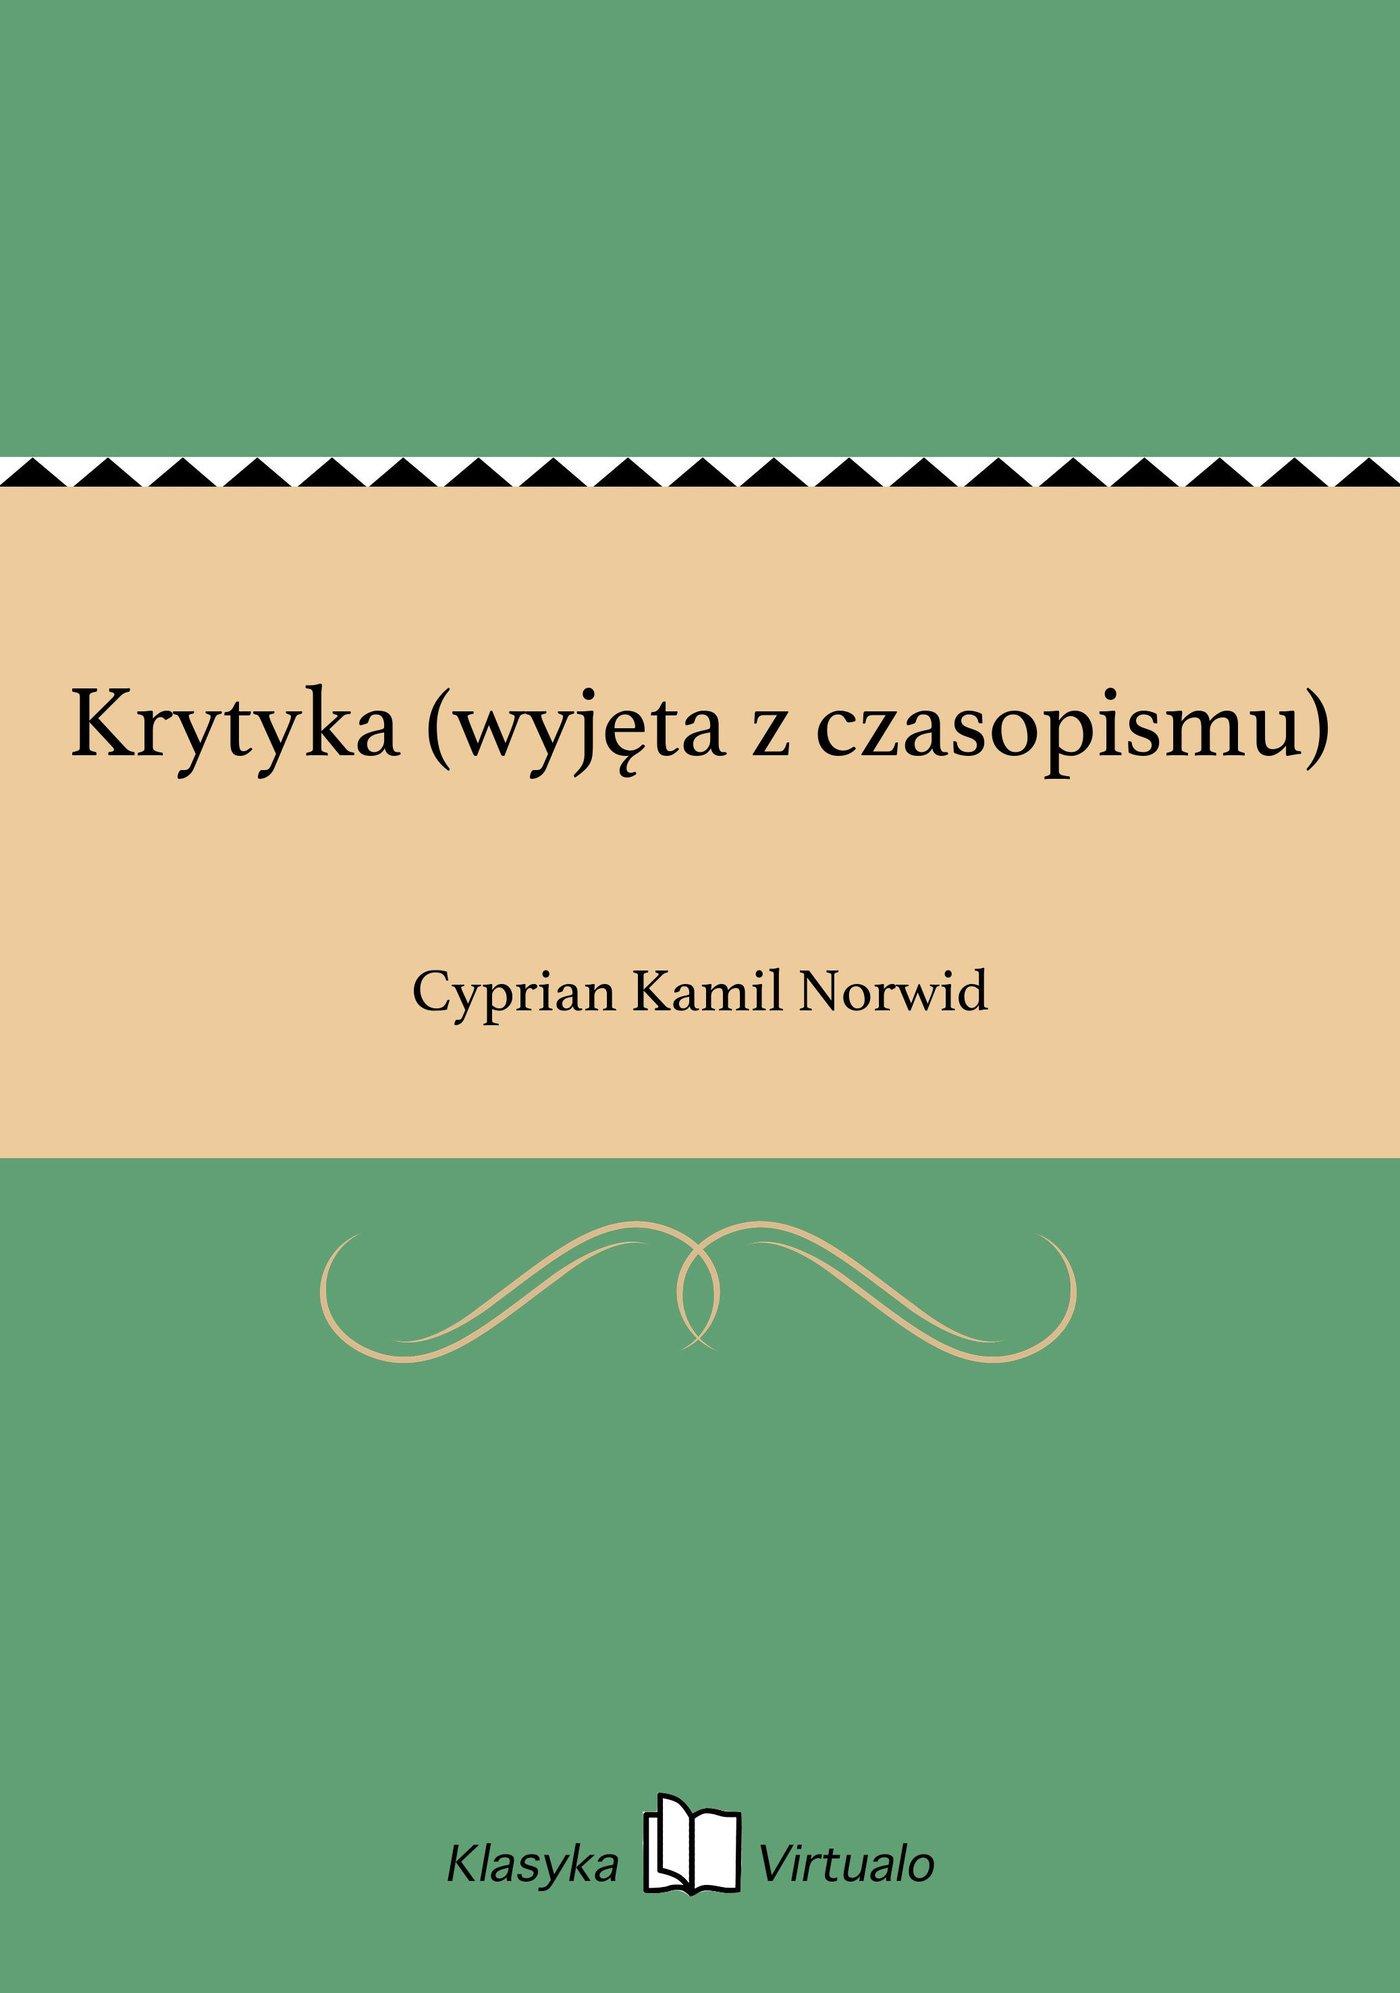 Krytyka (wyjęta z czasopismu) - Ebook (Książka EPUB) do pobrania w formacie EPUB